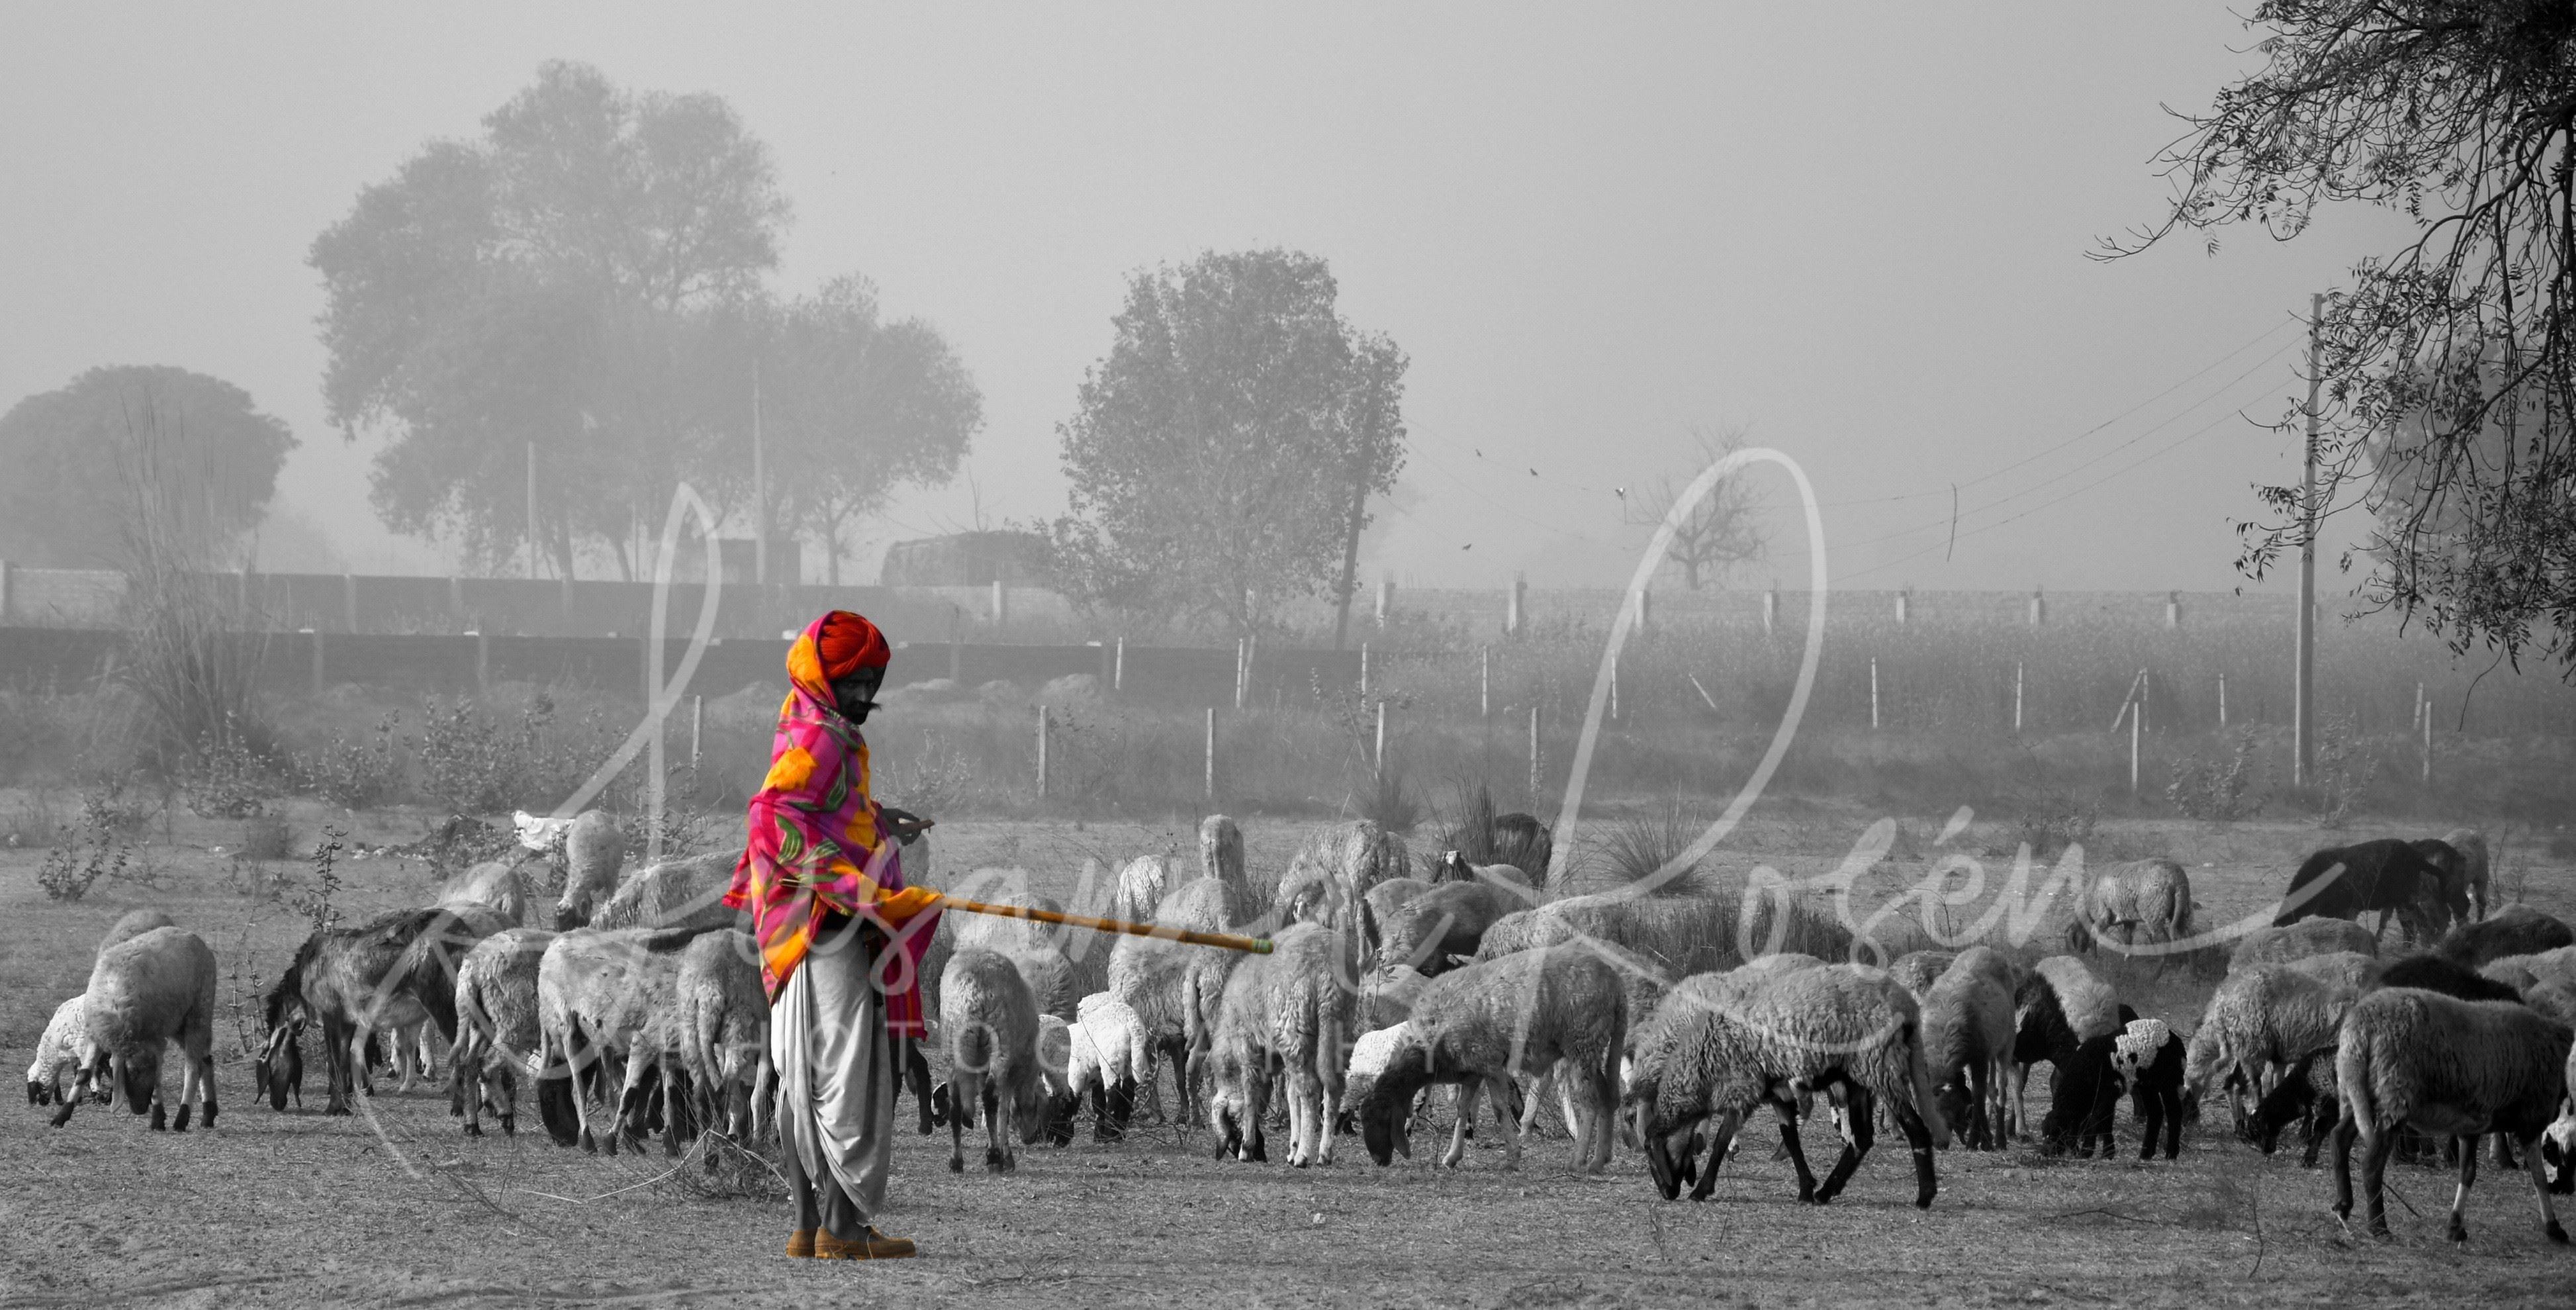 Susanna Rosén, Susanna Rosén, Abbekås, visar färgstarka bilder från Indien.